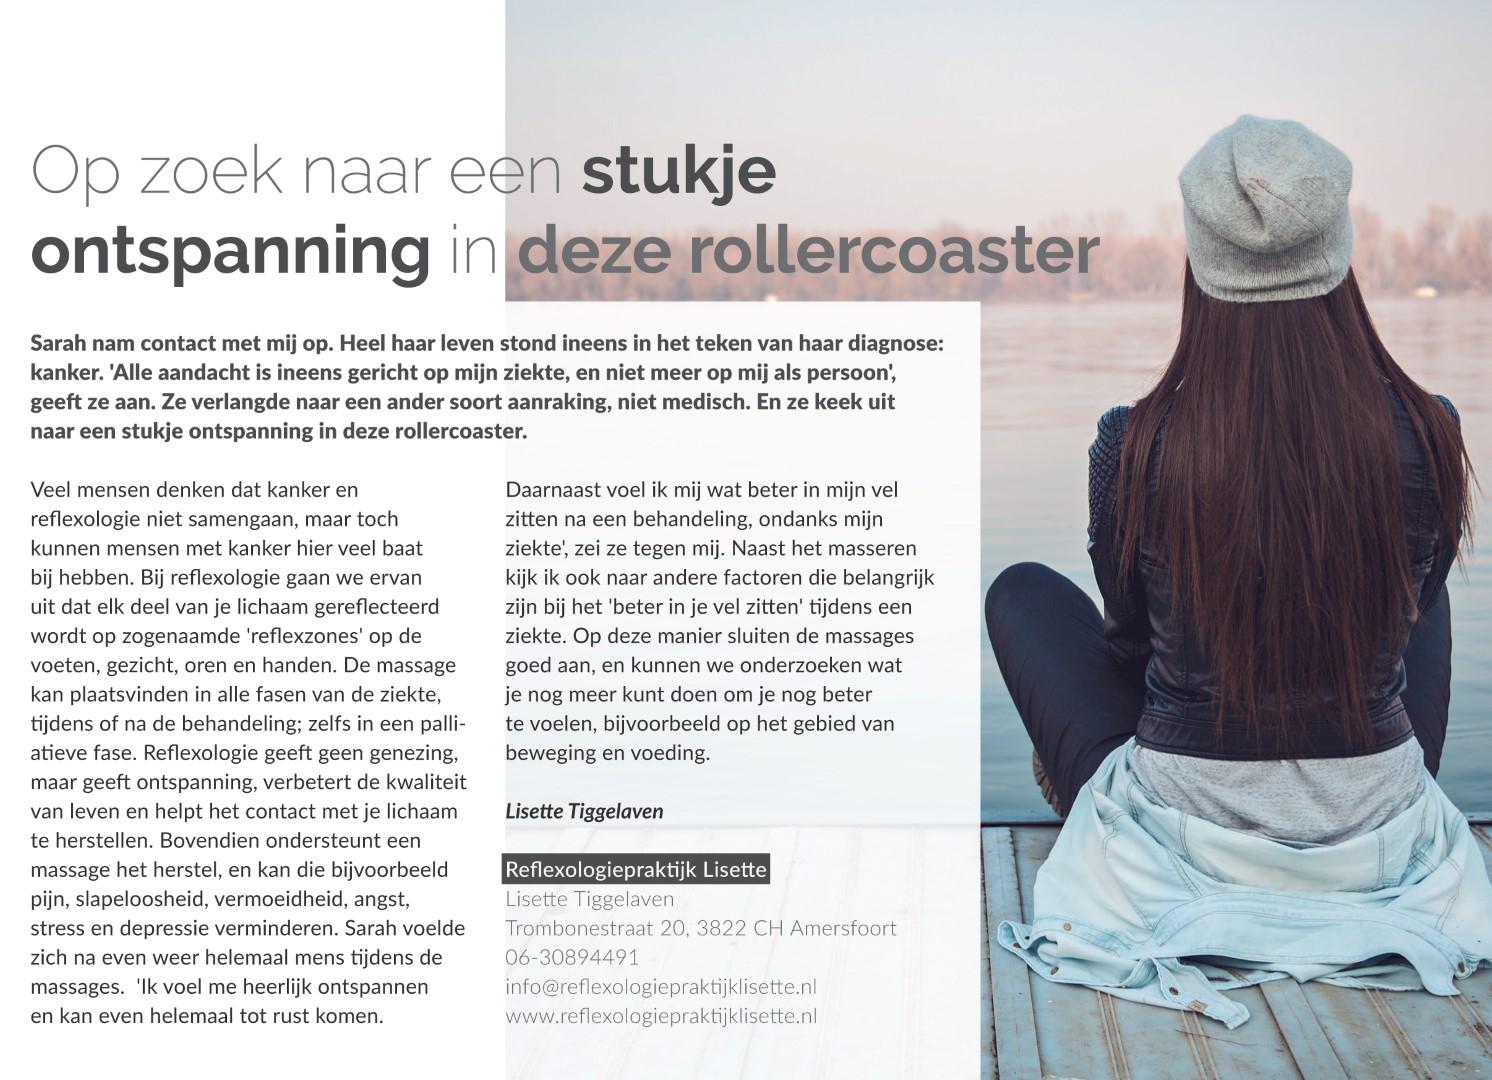 Kanker Reflexologie Lisette Amersfoort